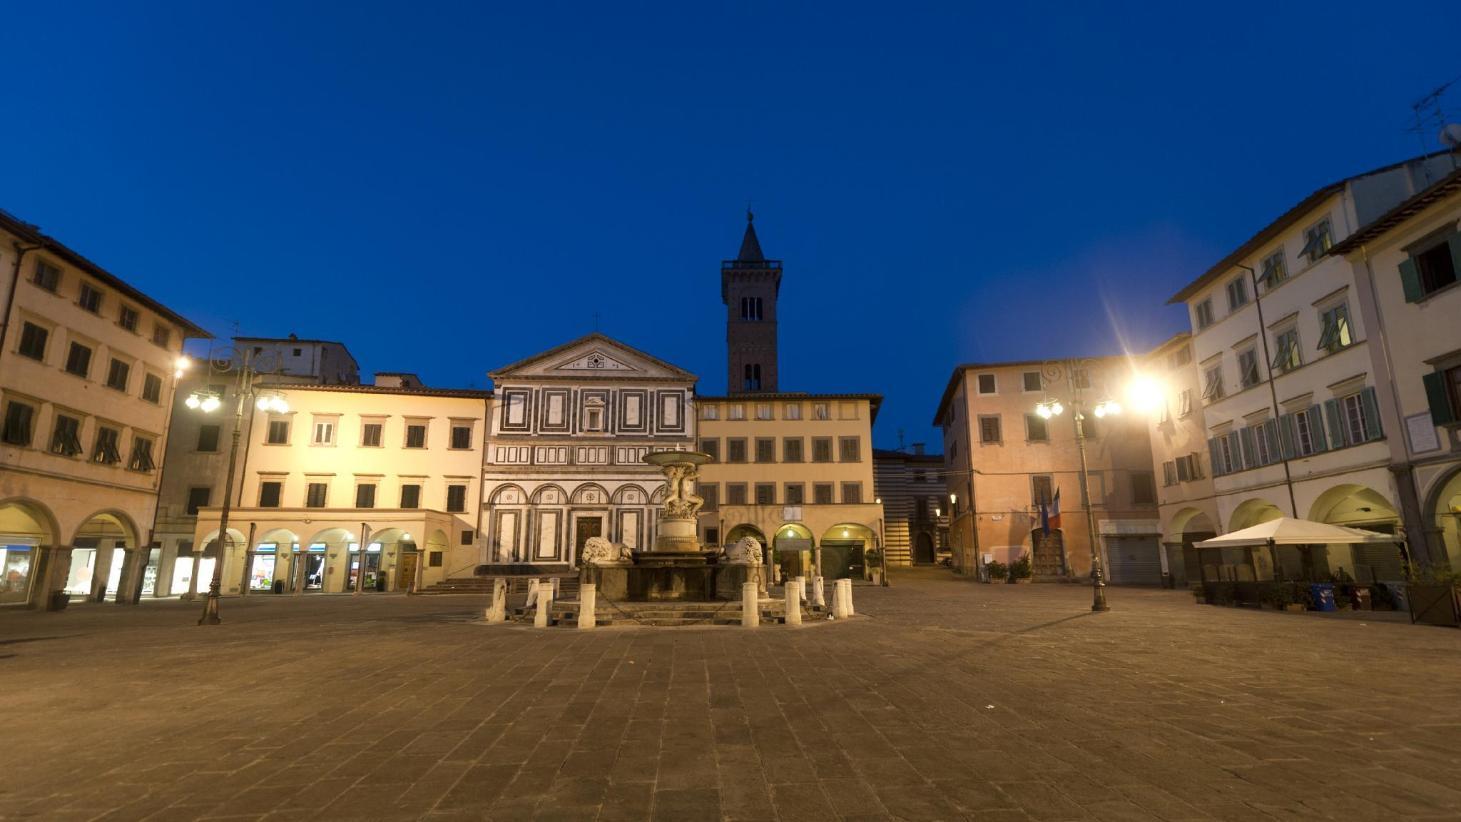 Die 30 besten Hotels in Empoli – Kostenlose Stornierung, Preislisten und  Bewertungen der besten Hotels in Empoli, Italien für 2021